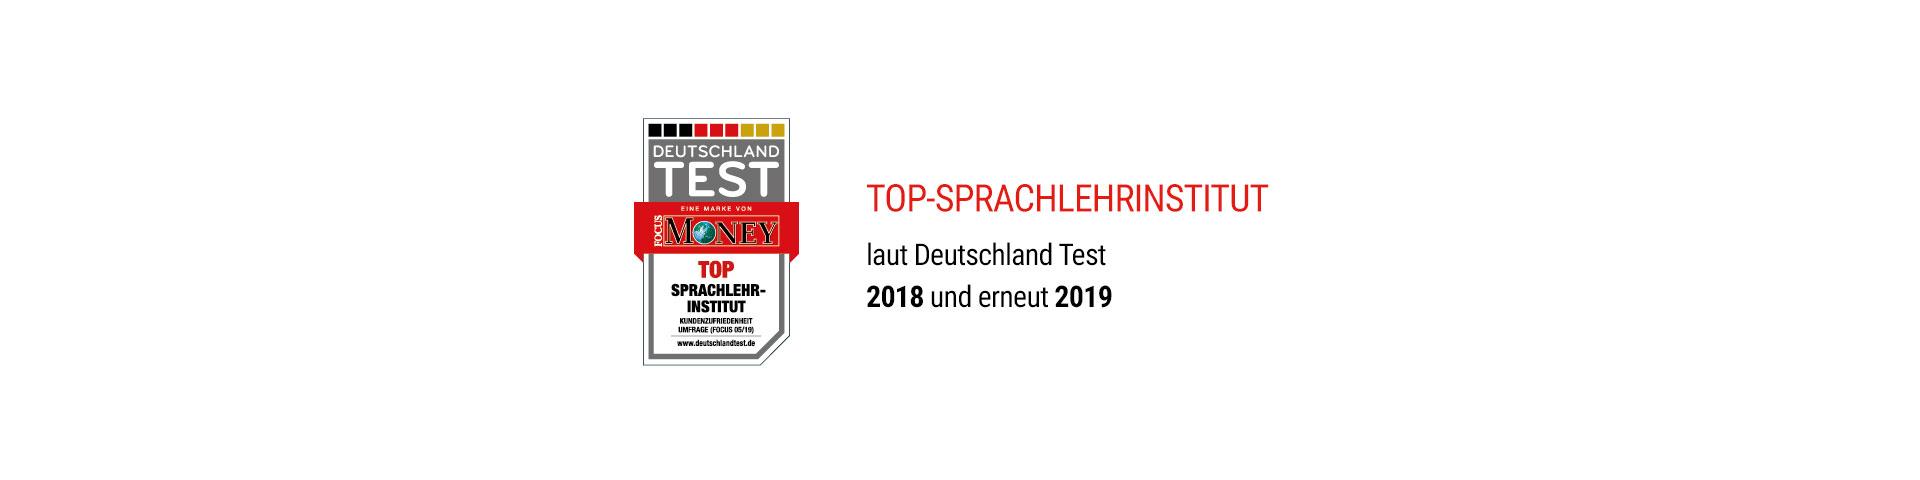 Top-Sprachlehrinstitut